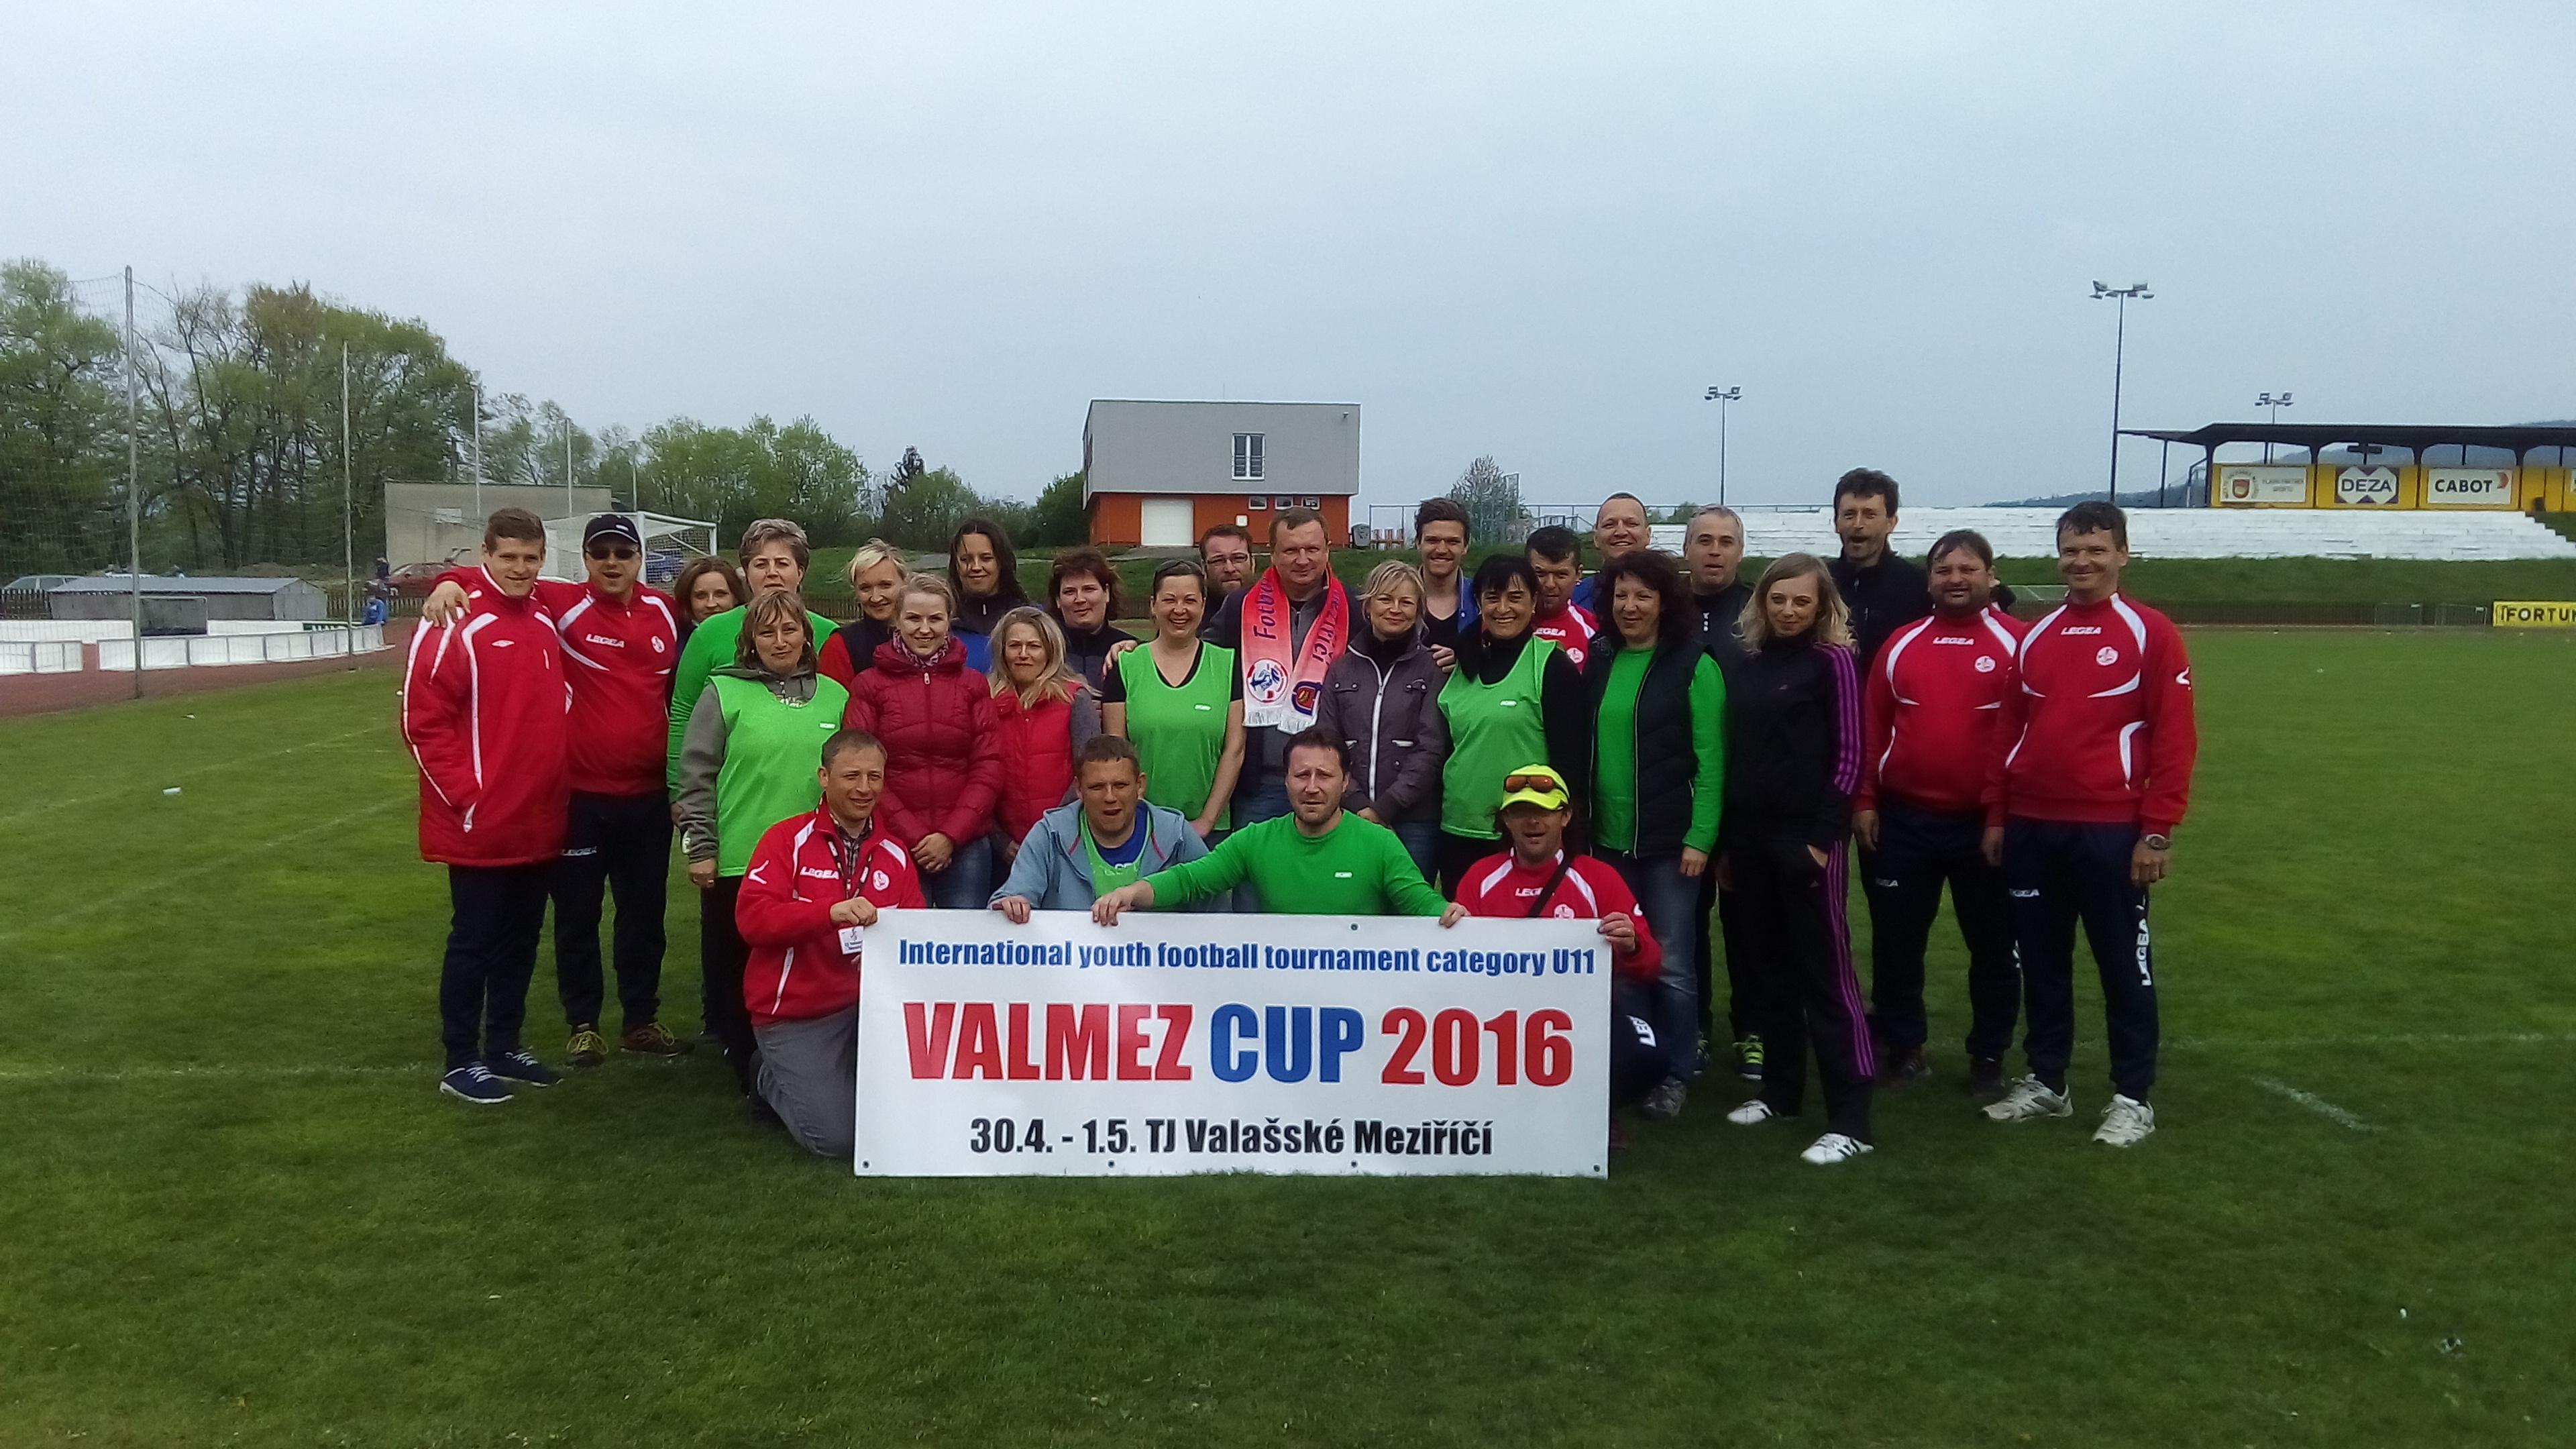 ROBE VALMEZ CUP - 27.4. - 28.4. 2019 - Valašské Meziříčí 90248c8540